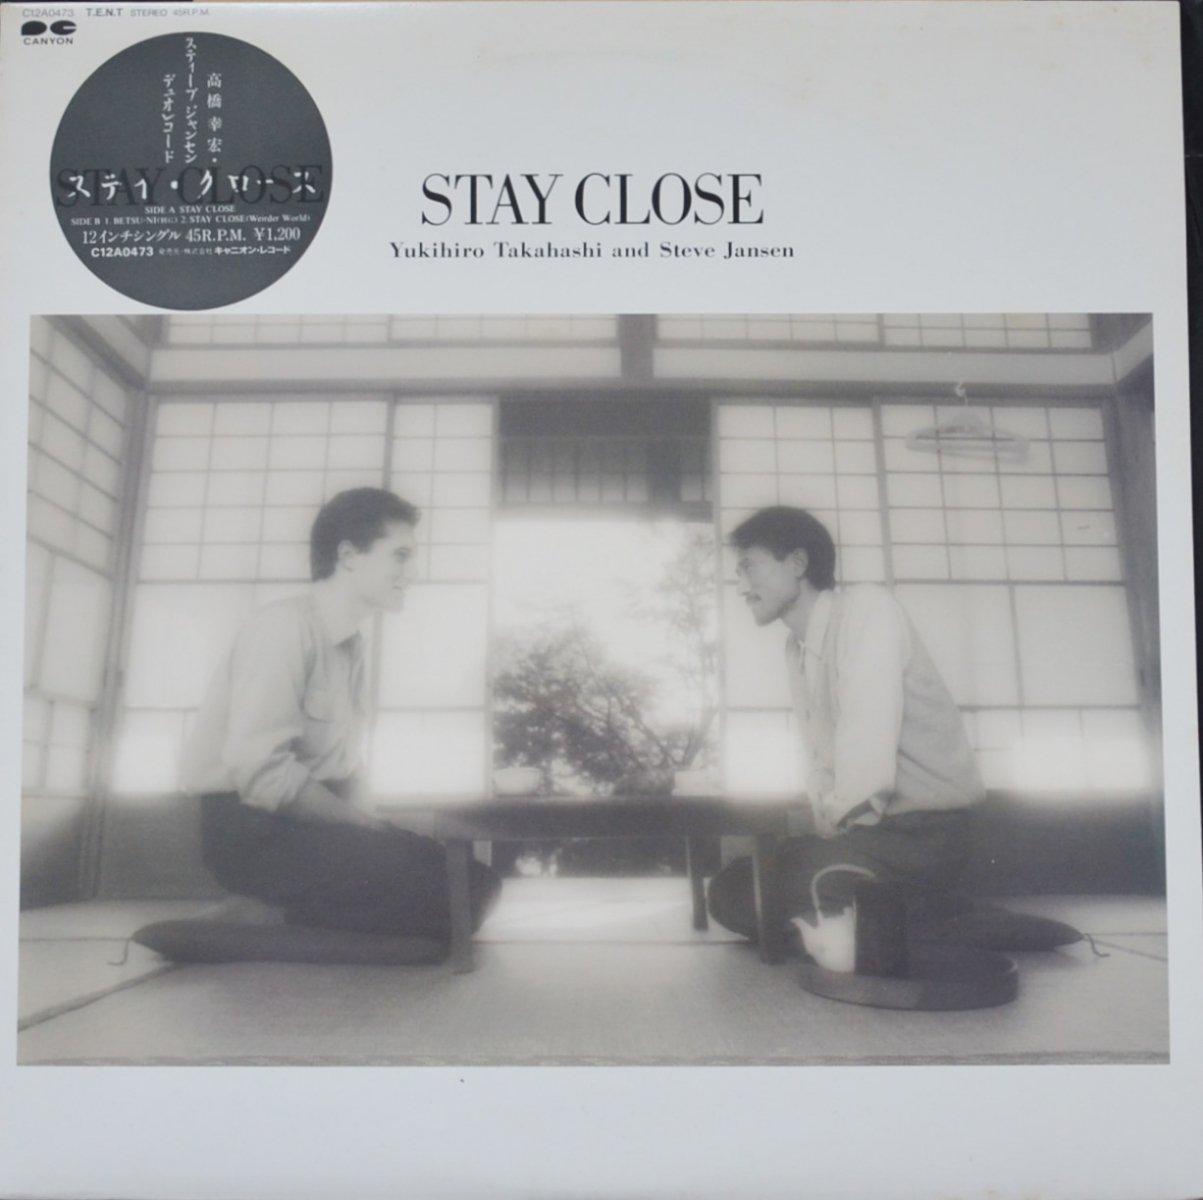 高橋ユキヒロ (高橋幸宏)・スティーブ・ジャンセン YUKIHIRO TAKAHASHI AND STEVE JANSEN / STAY CLOSE (12